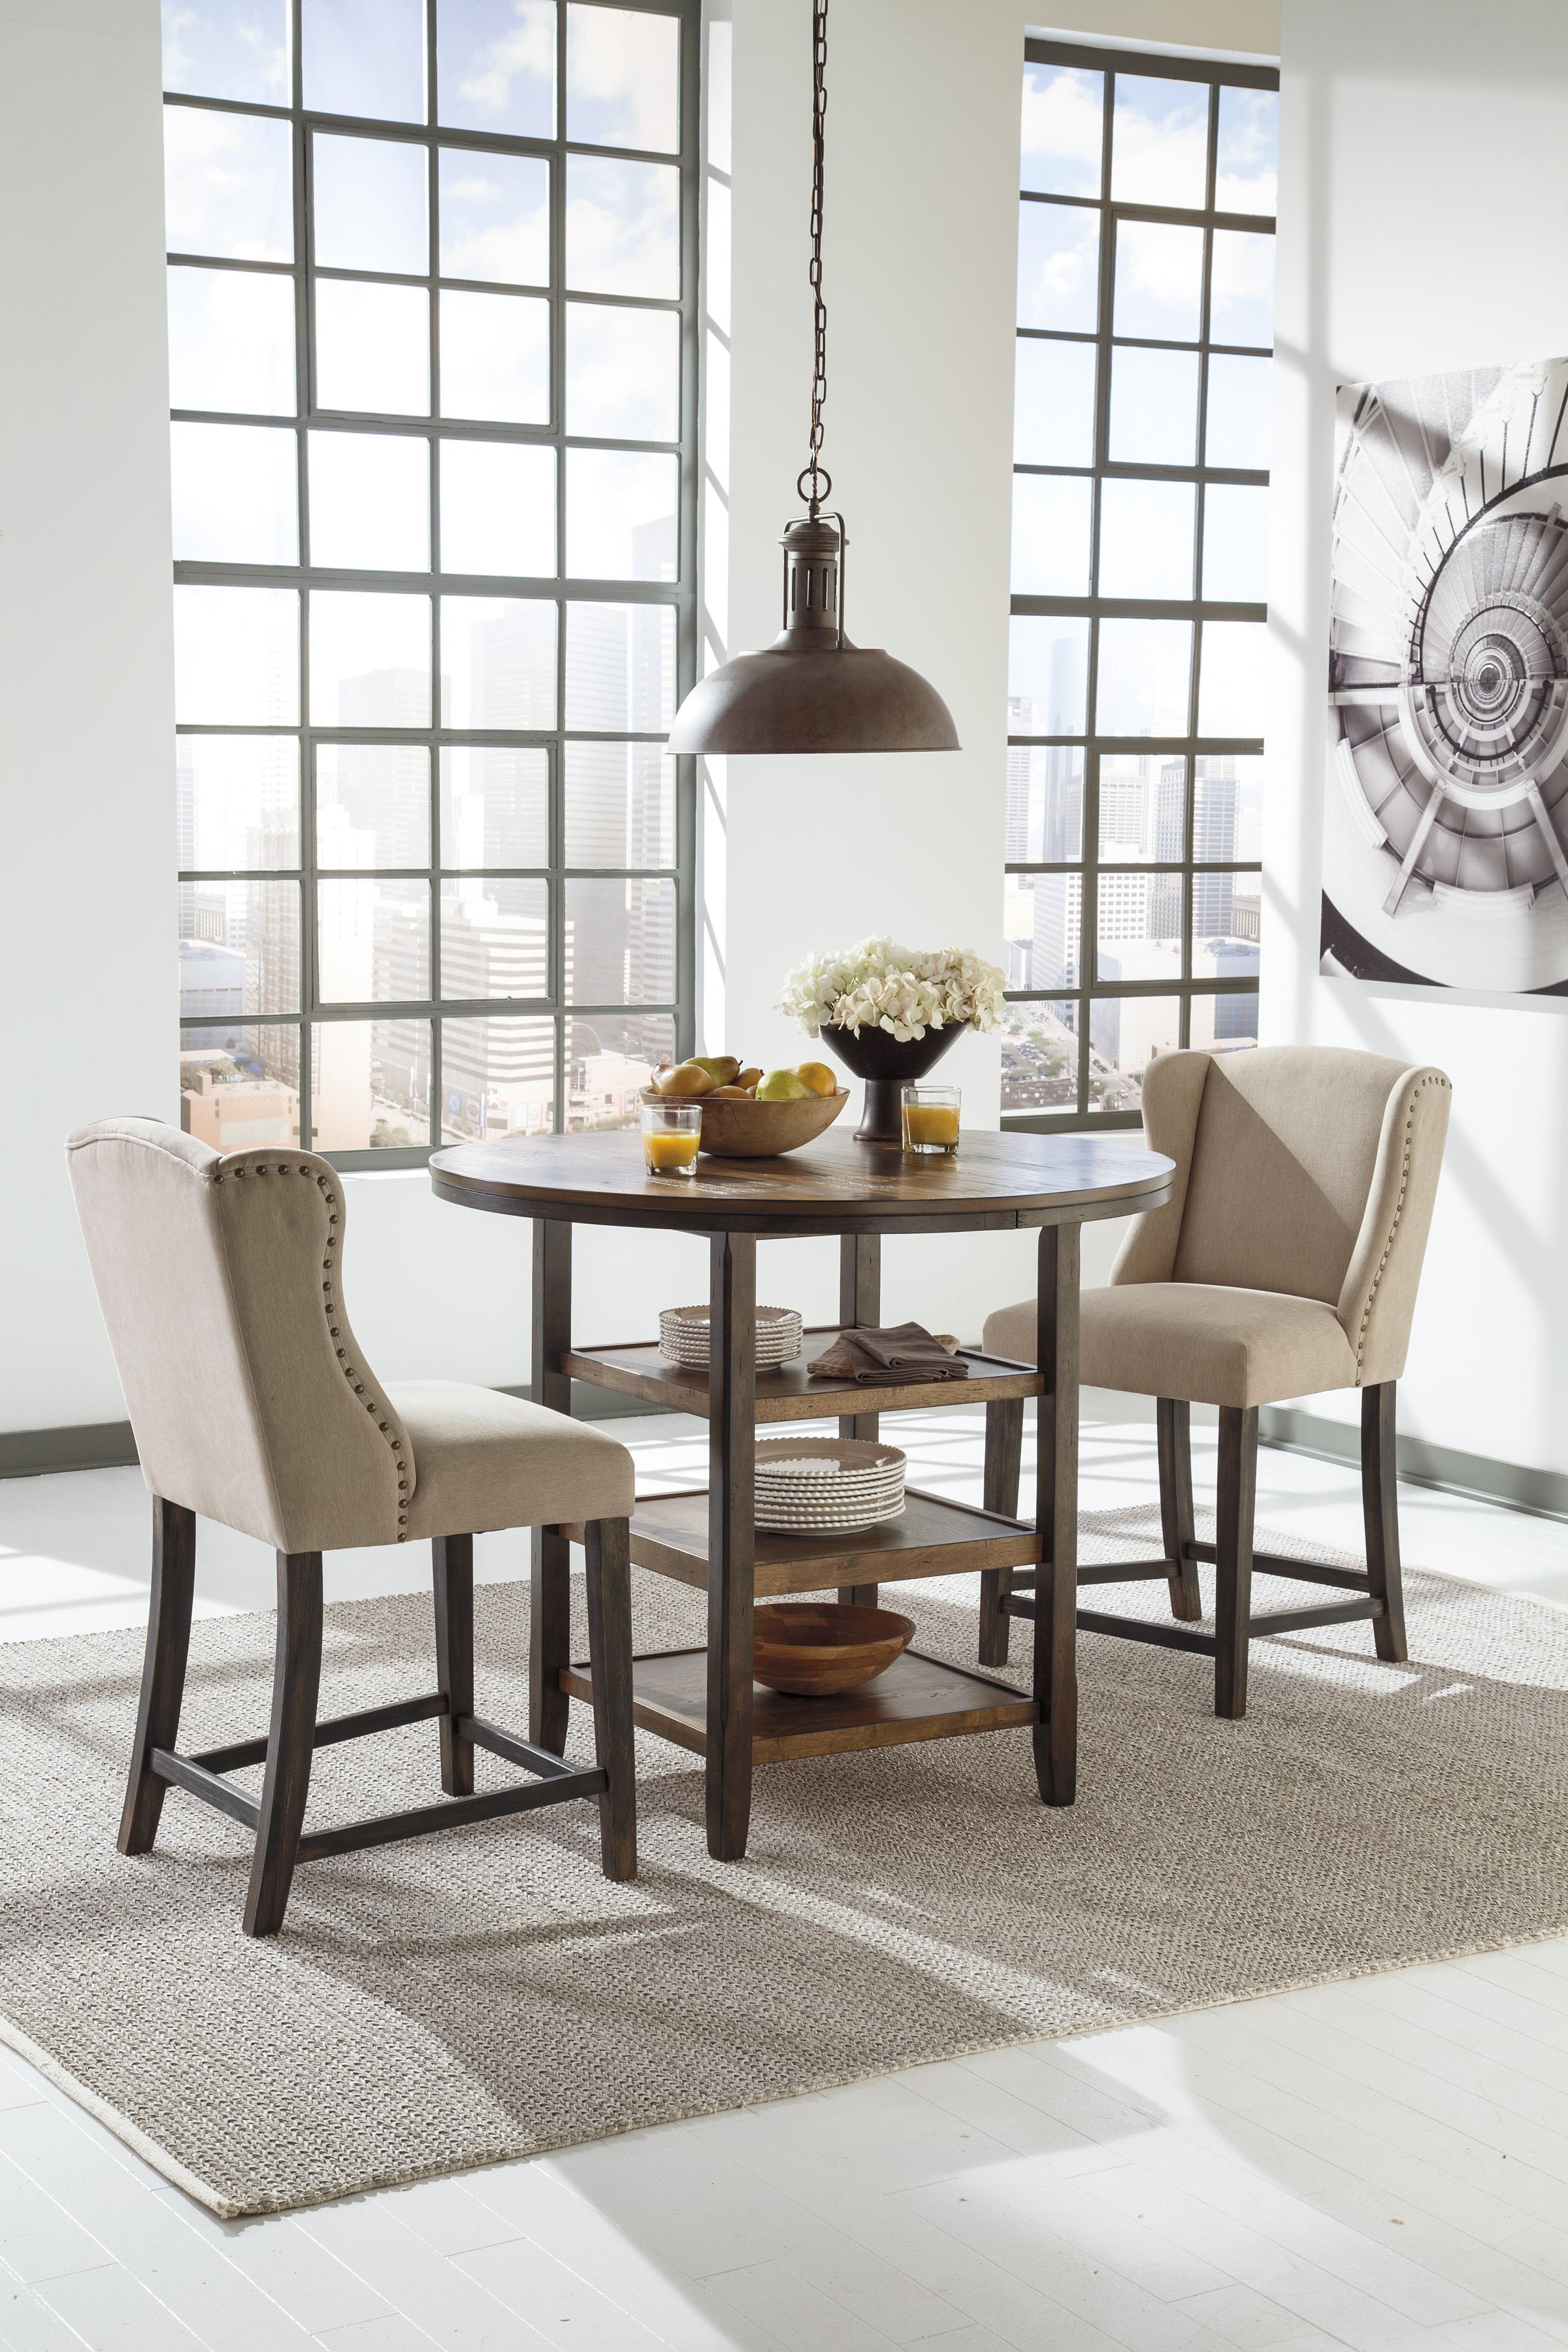 idea home design house fine modern beige images livings room hafoti dining emejing htm set ideas formal sets plus org living